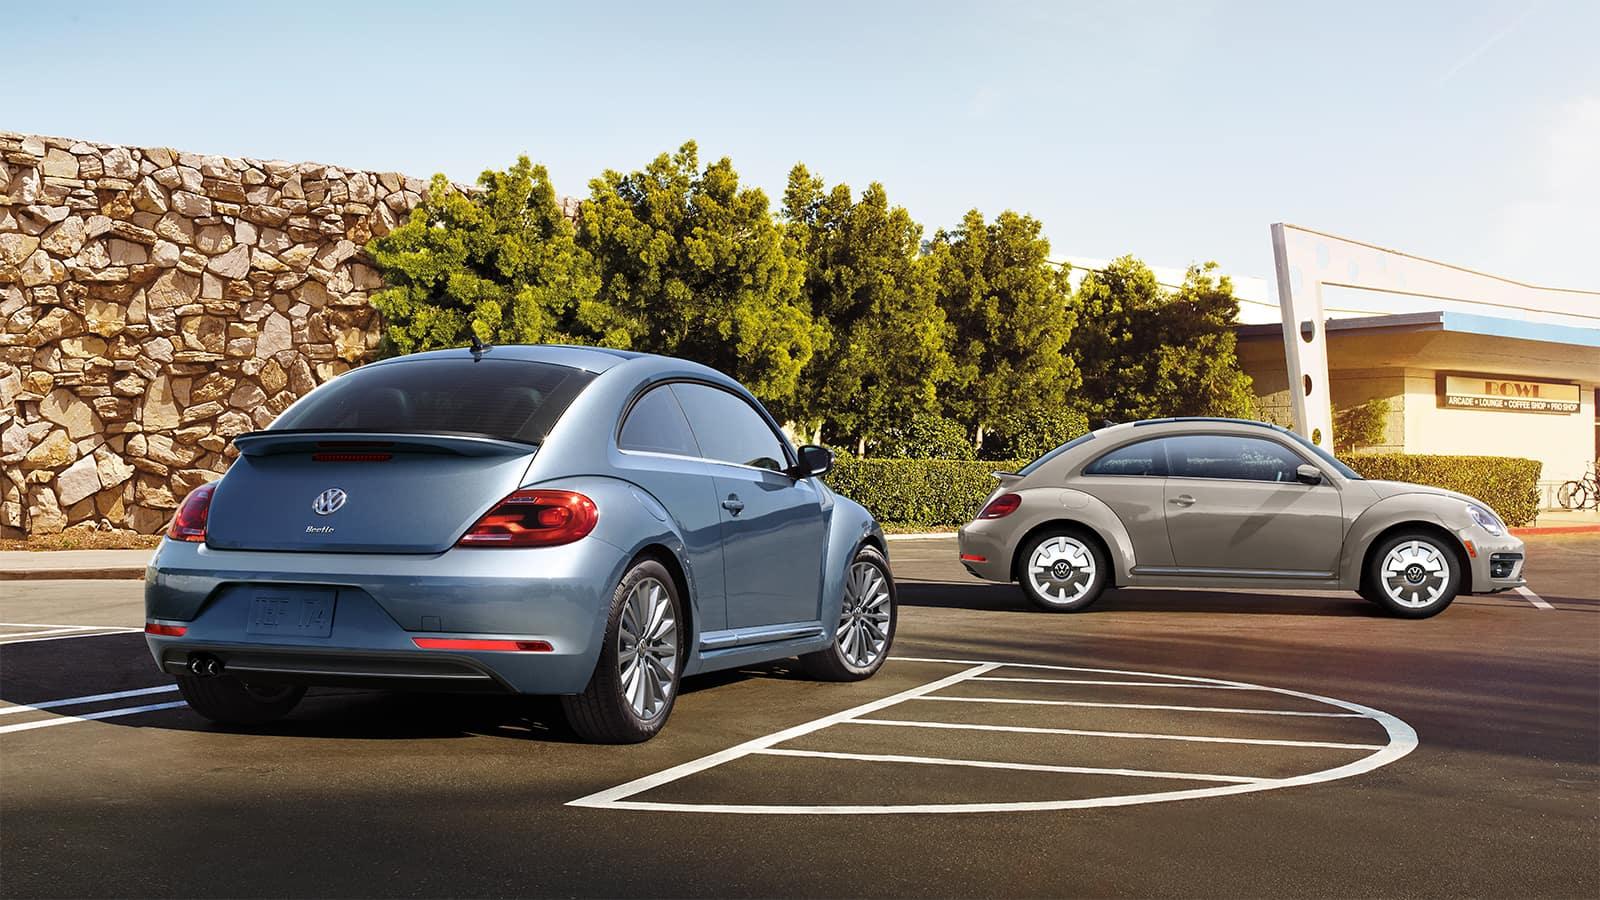 2019 Volkswagen Beetle Trim Comparison